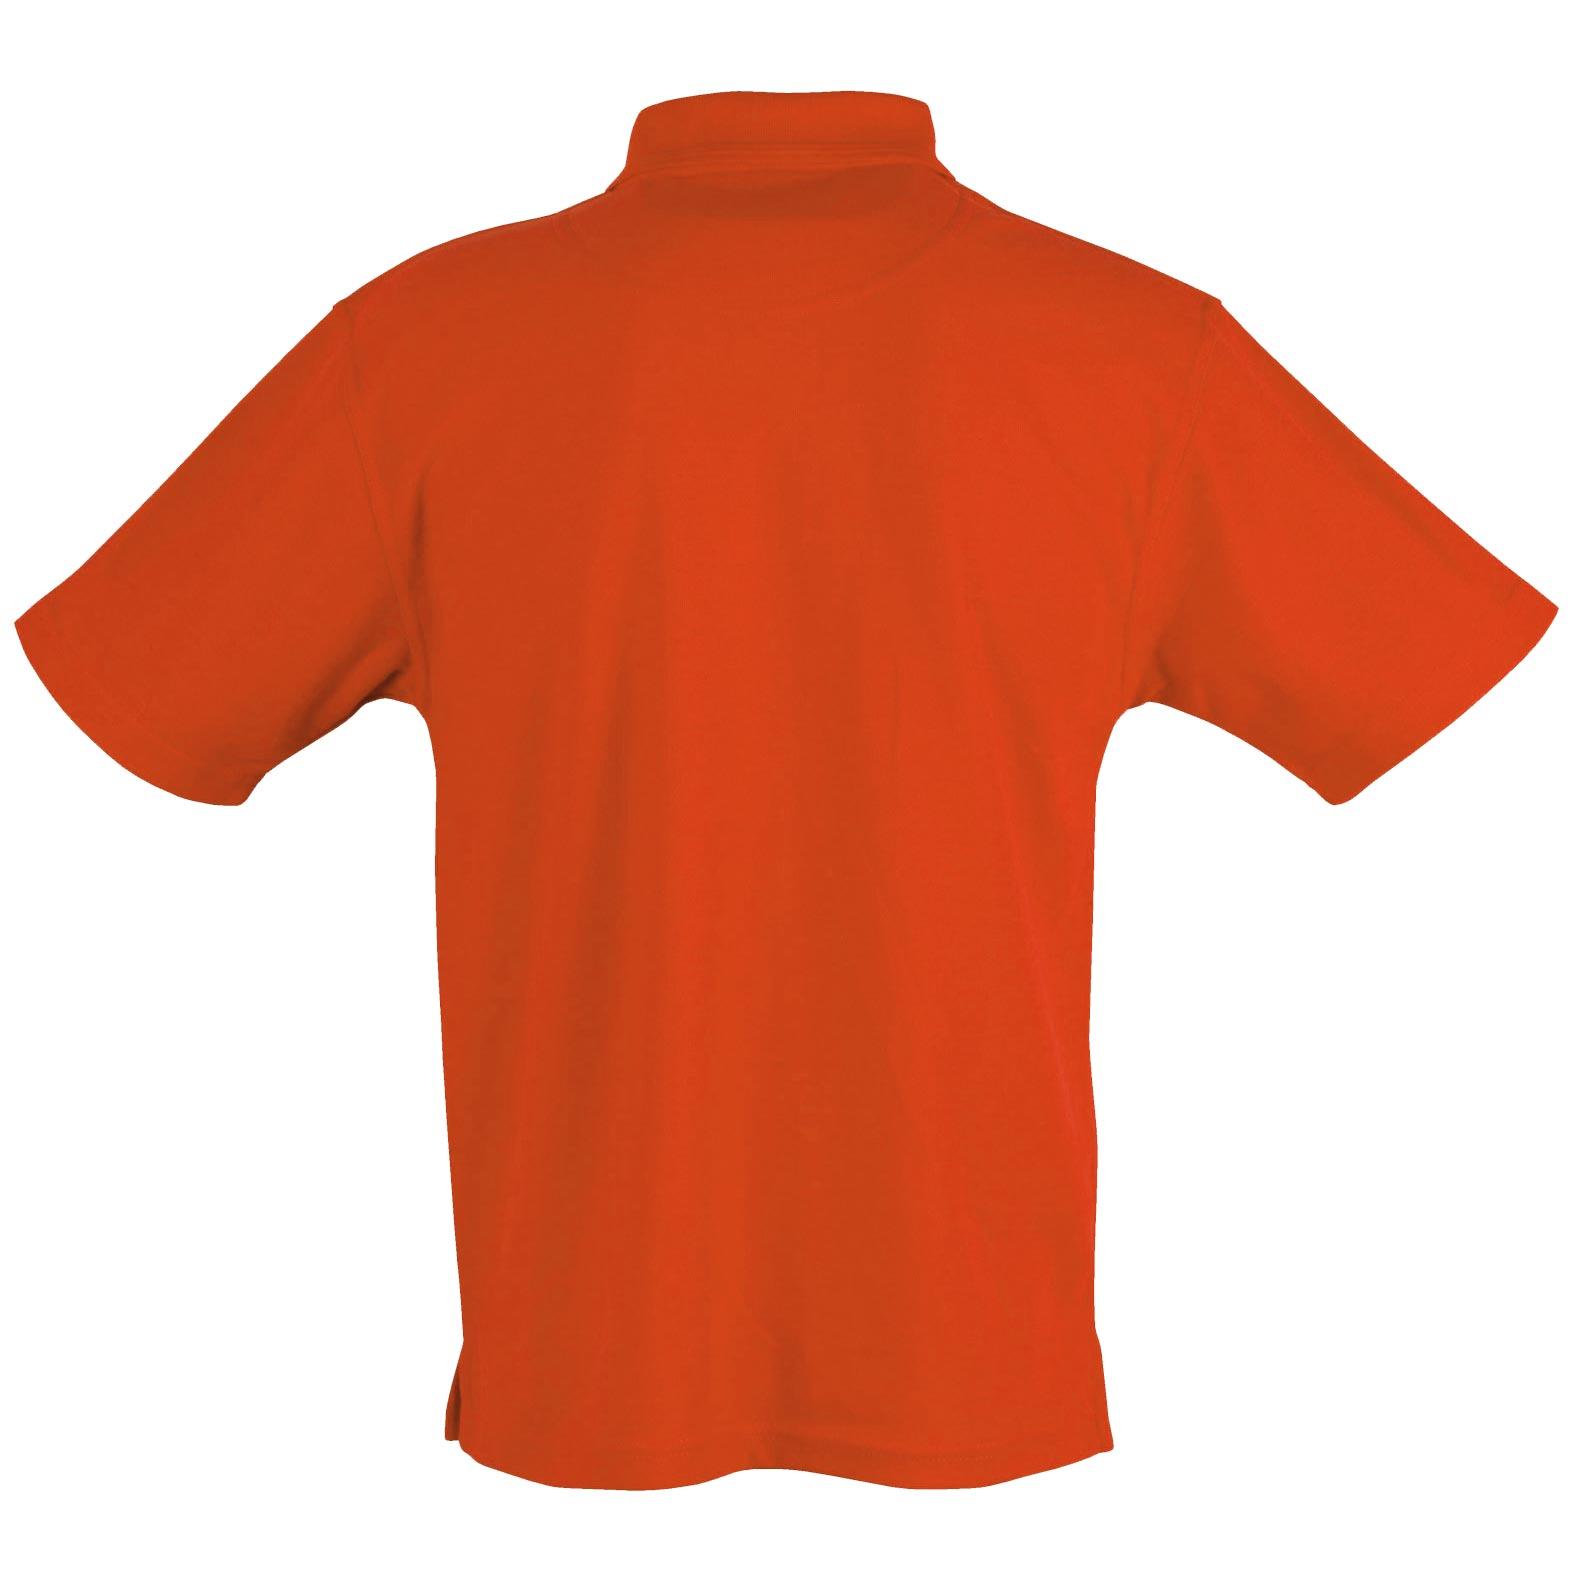 05_b301b_orange--0-0--ed8c6a47-8eee-40e9-8e27-5b0c2e332b85